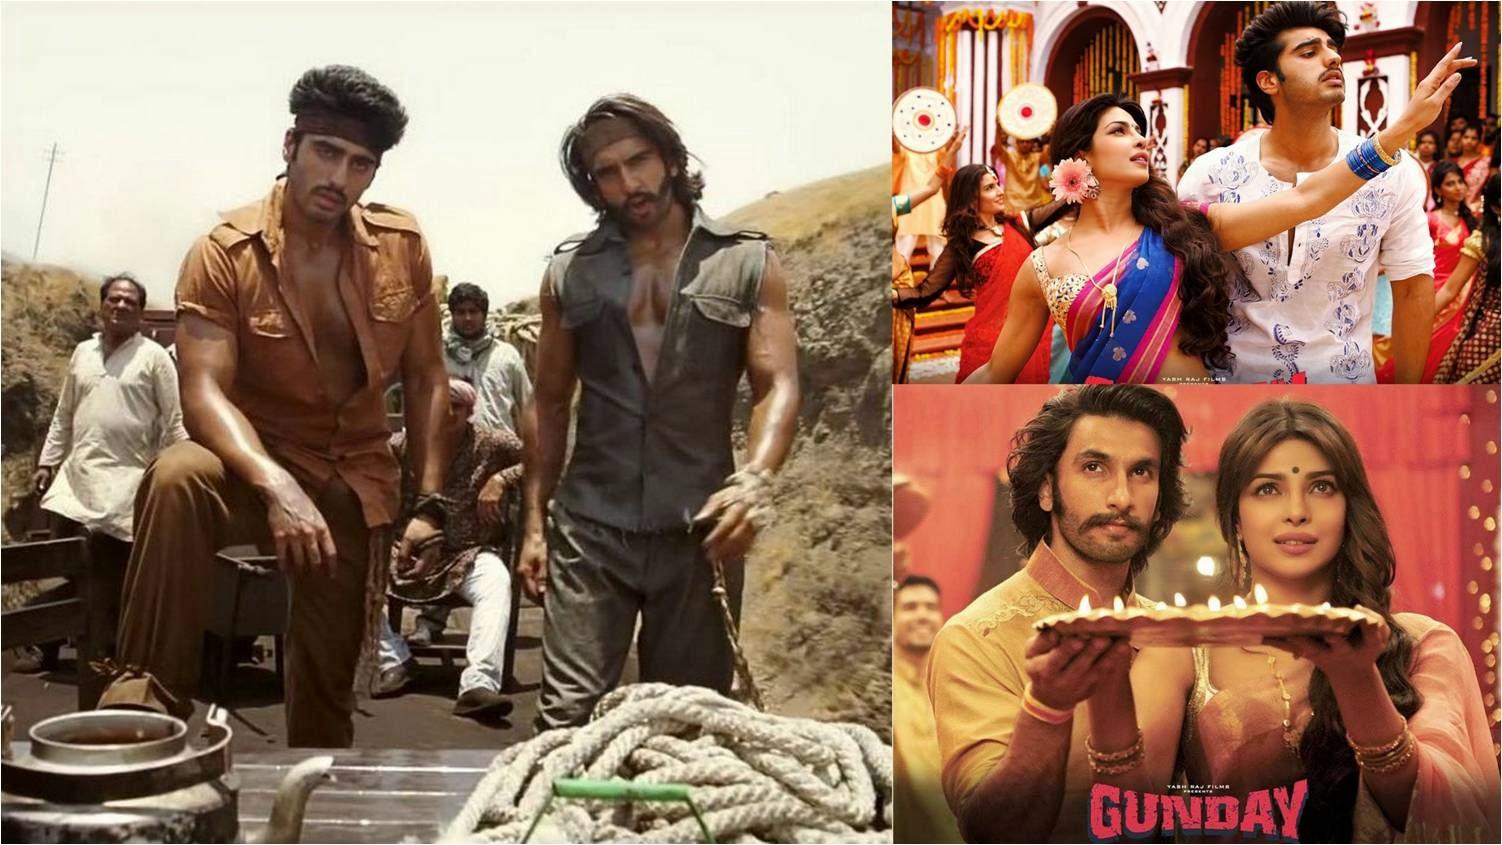 Arjun Kapoor, Ranveer Singh and Priyanka Chopra in Gunday movie stills